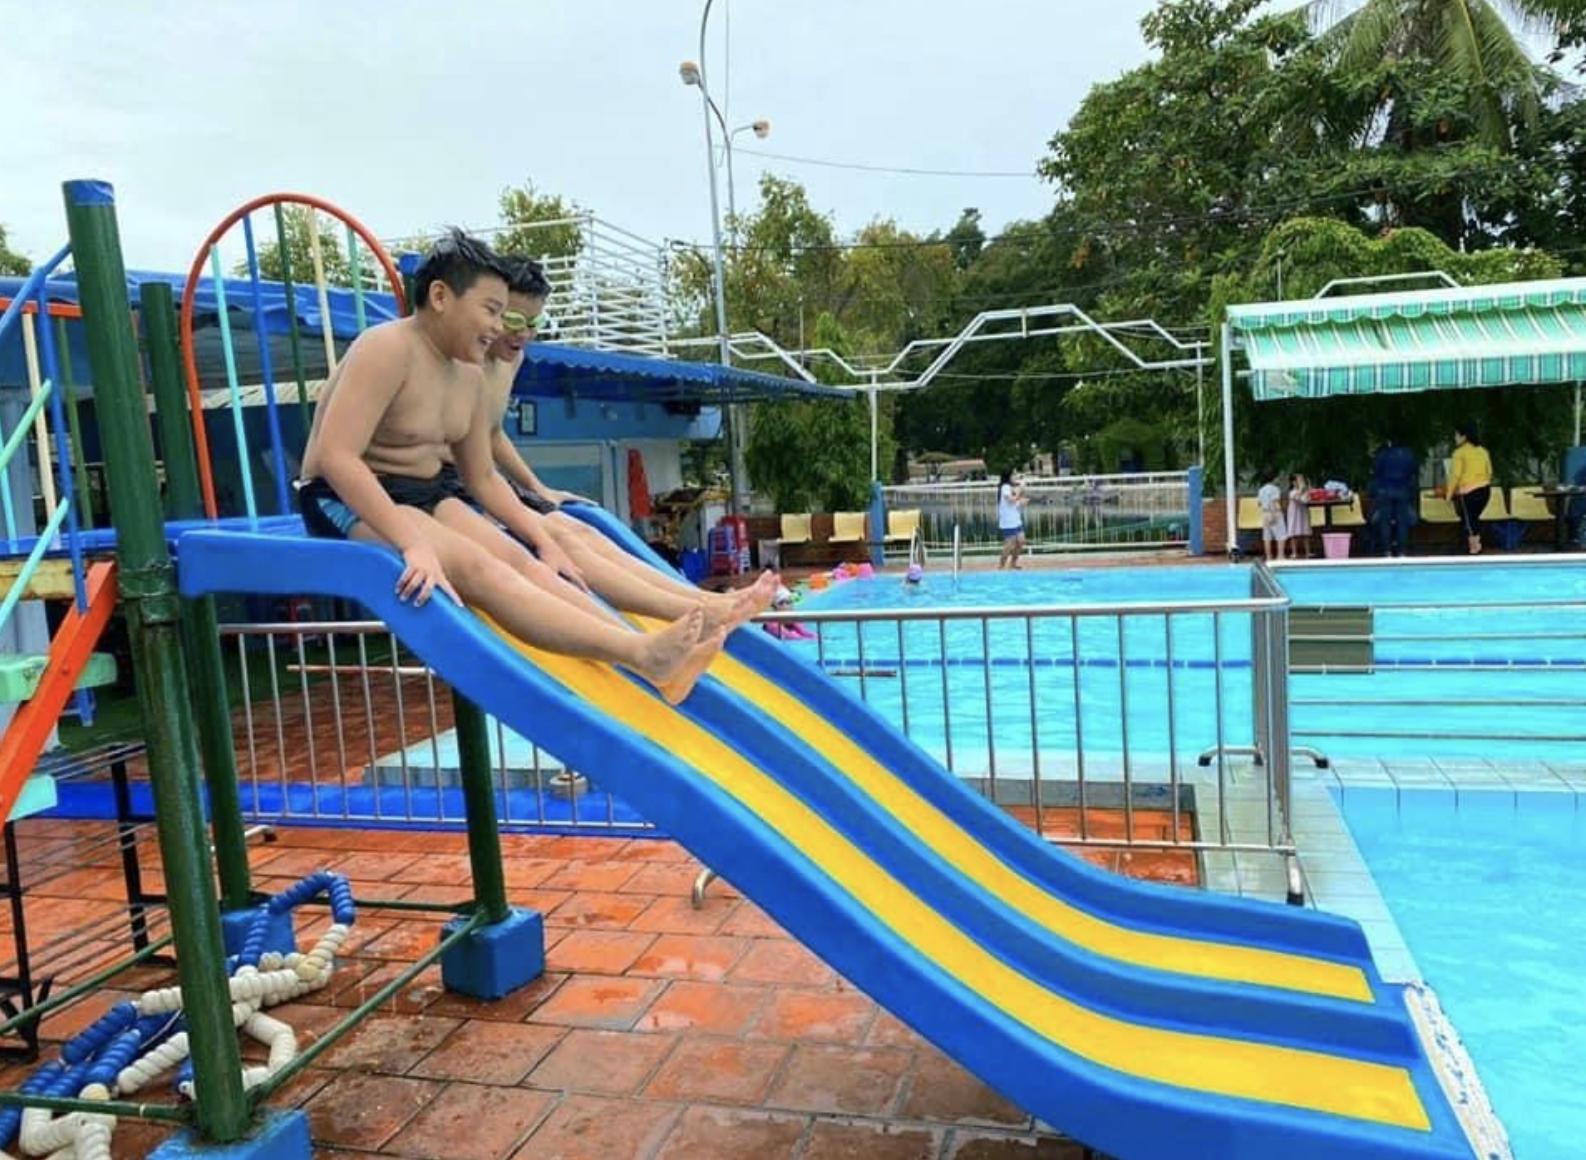 Có một lớp dạy bơi miễn phí cho trẻ em cơ nhỡ giữa lòng Sài Gòn, nơi đầy ắp tiếng cười và tình thương - Ảnh 8.